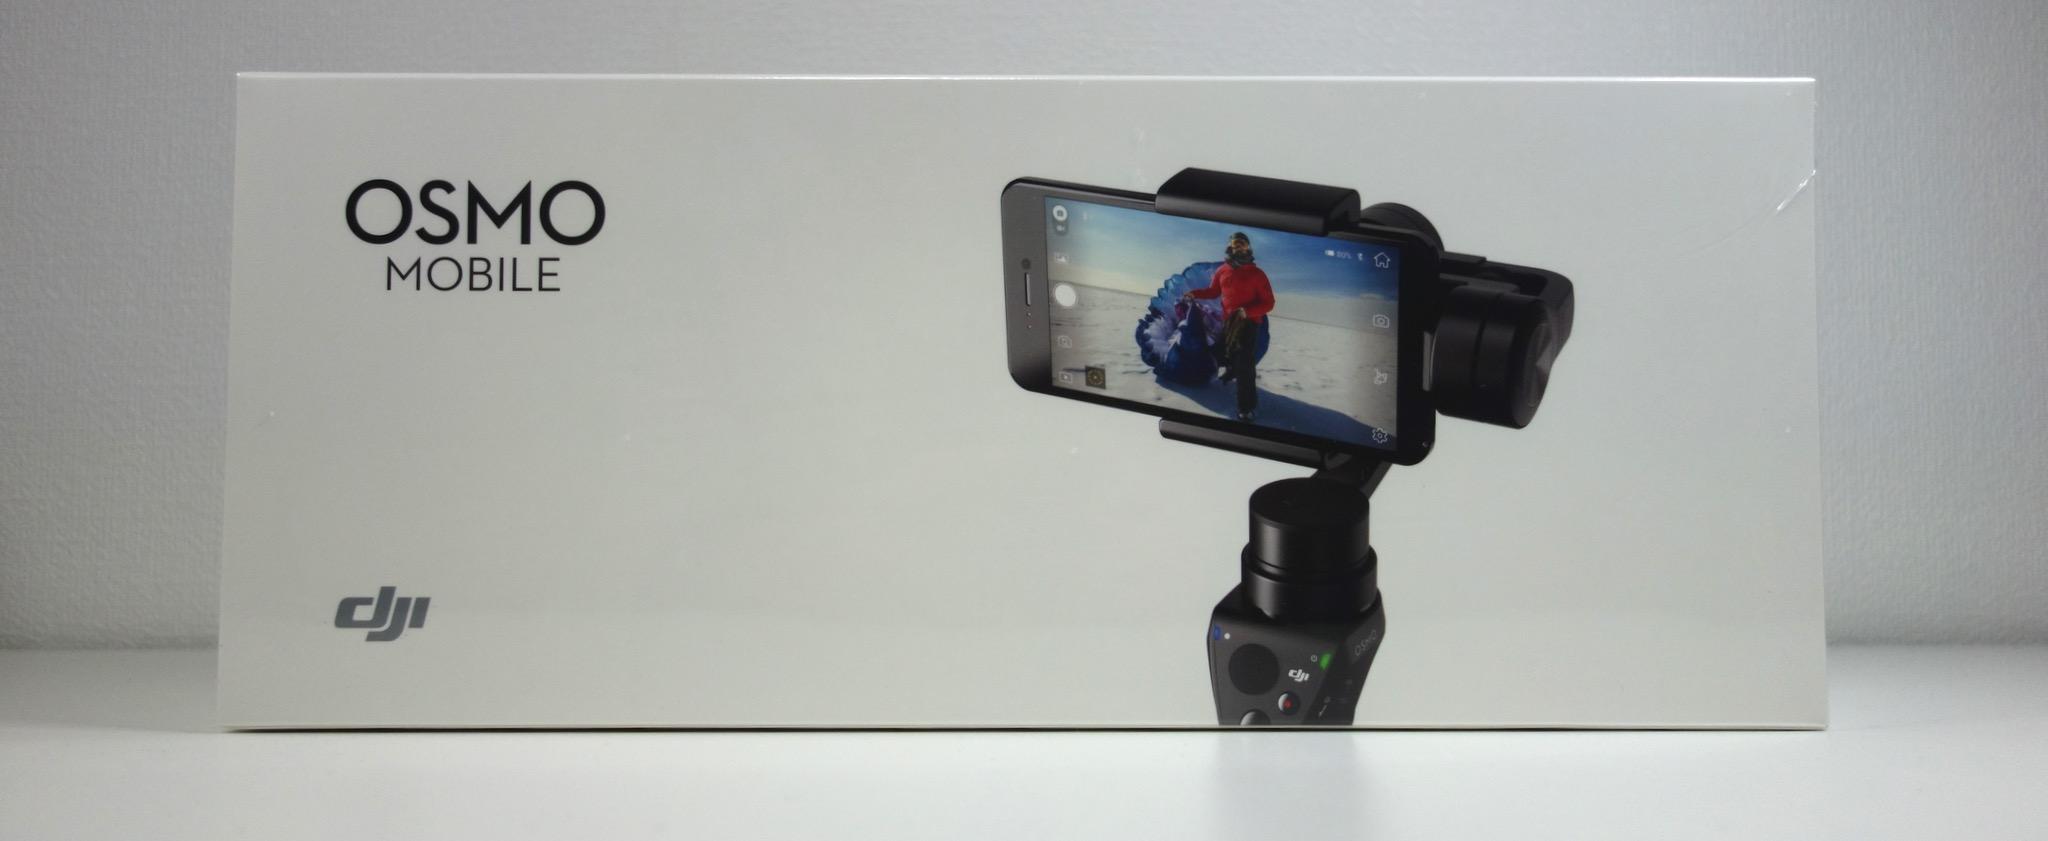 スマホでの写真・動画撮影を劇的に変える「OSMO mobile」が37,800円→24,800円のセール中、1/7まで